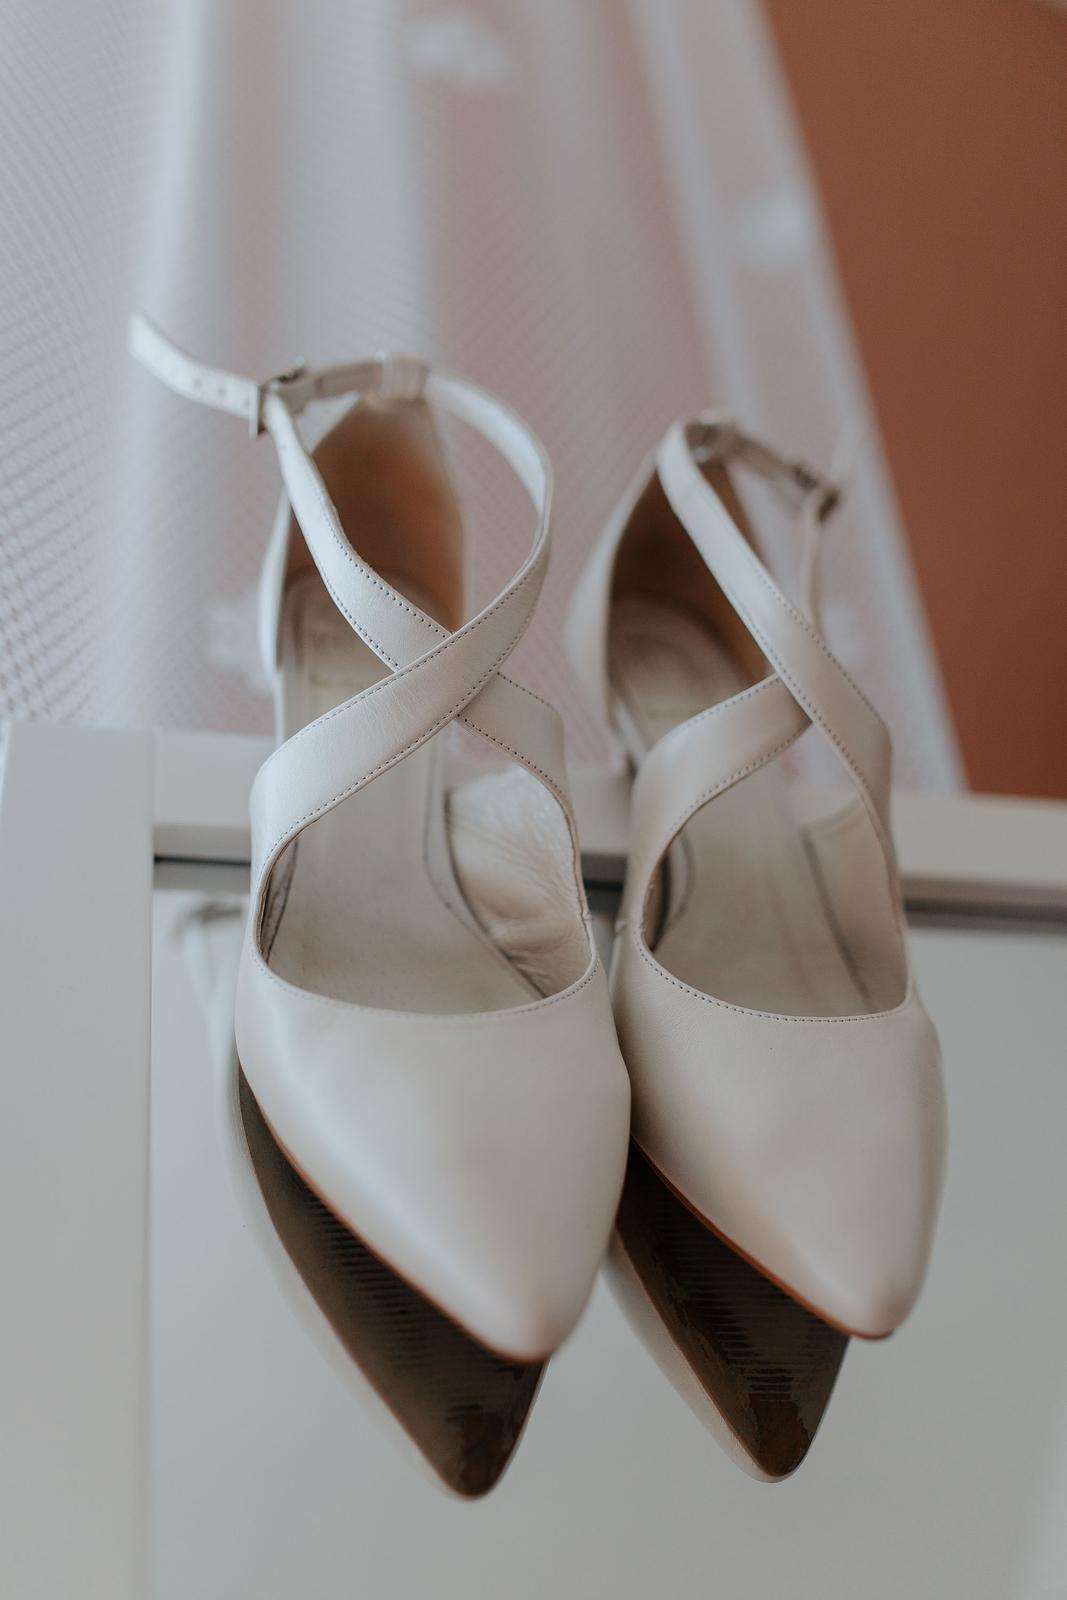 Svadobné topánky BUTDAM 39 - Obrázok č. 1